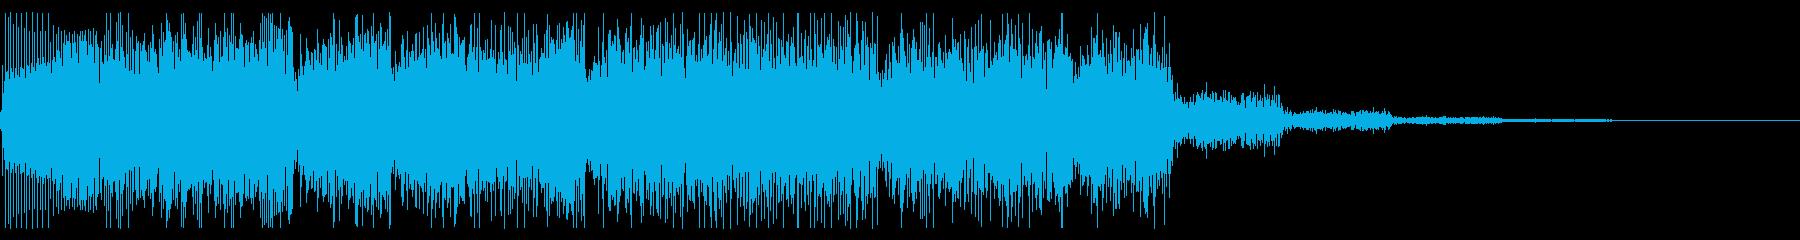 レトロゲーム風 サイバーなジングルの再生済みの波形